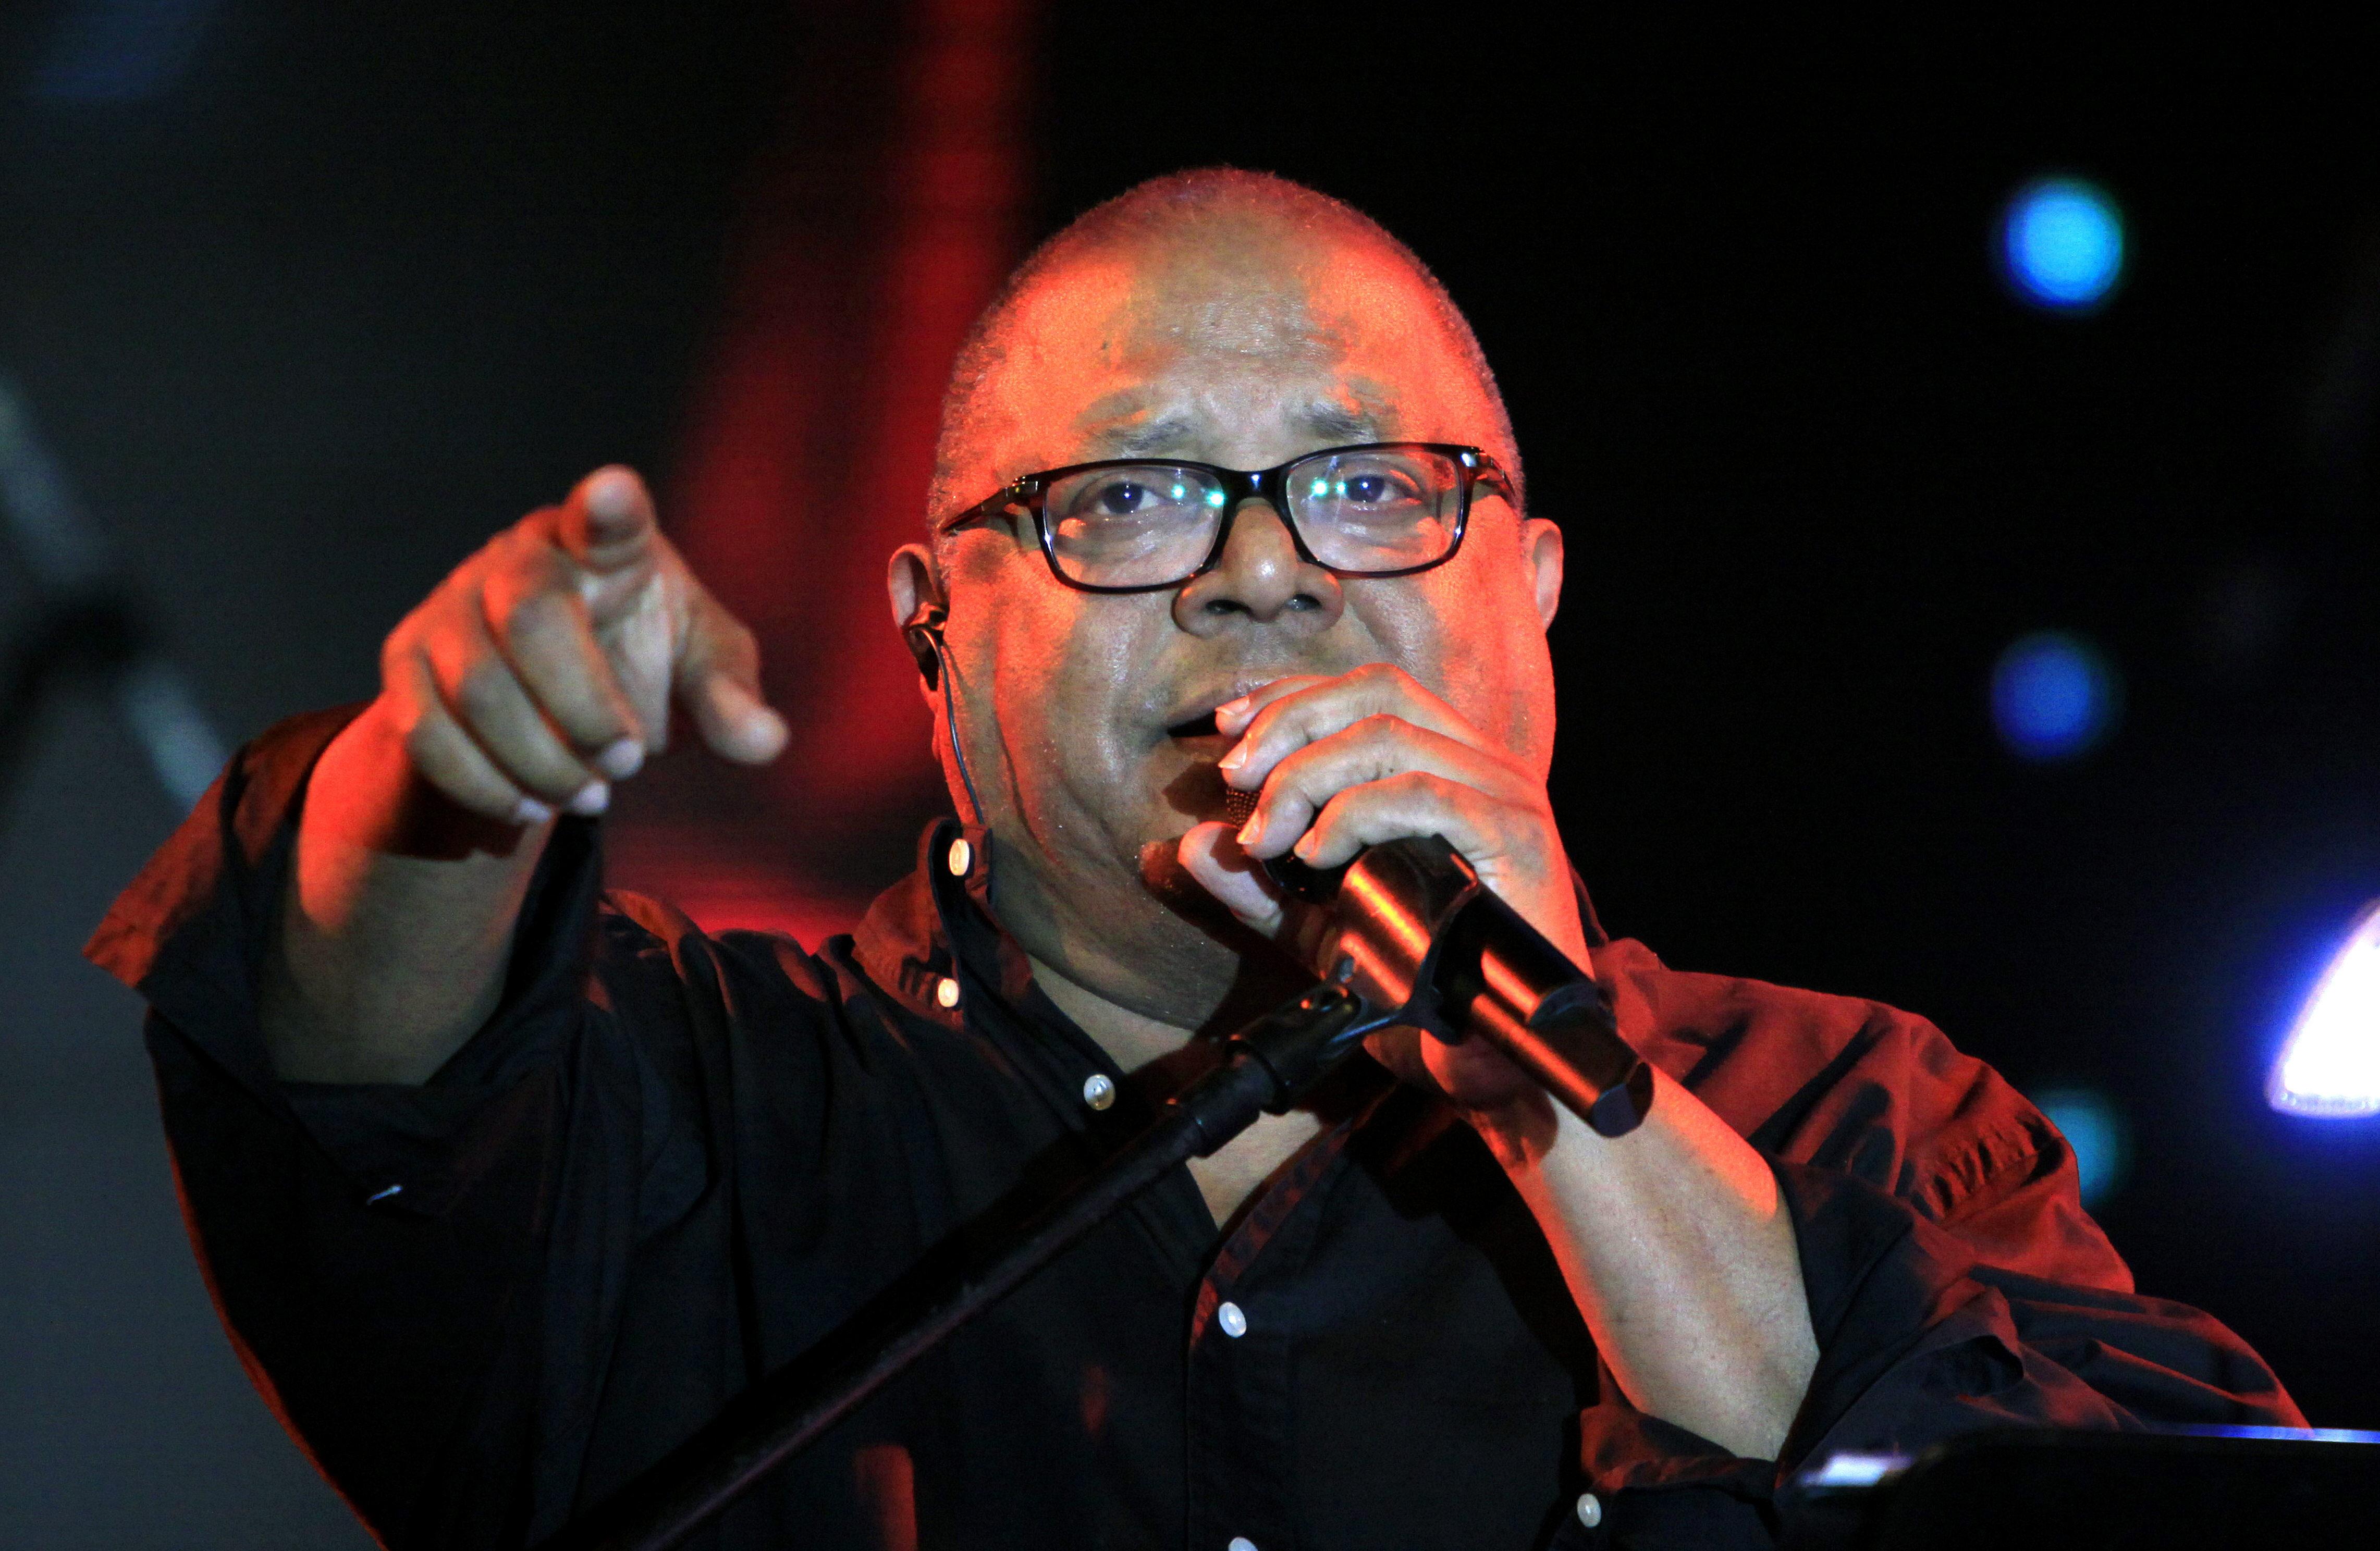 El cantautor cubano Pablo Milanés dice que cuida su voz con métodos ancestrales